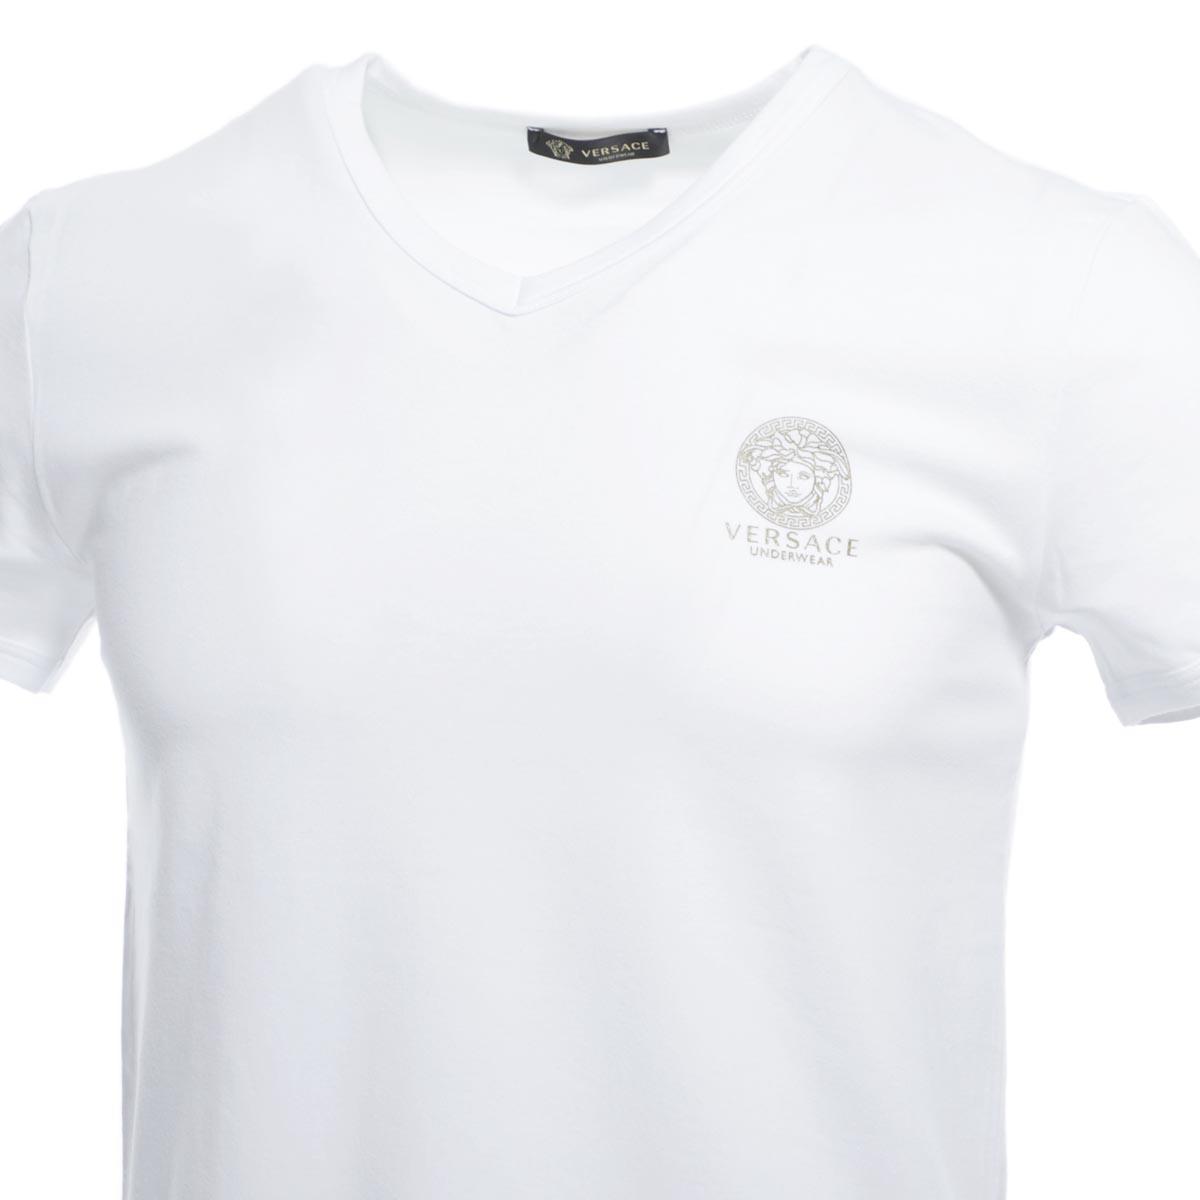 VERSACE ヴェルサーチェ Vネック Tシャツ/T-SHIRT MC SCOLLO V INTIMO UOMO【返品交換不可】 メンズ